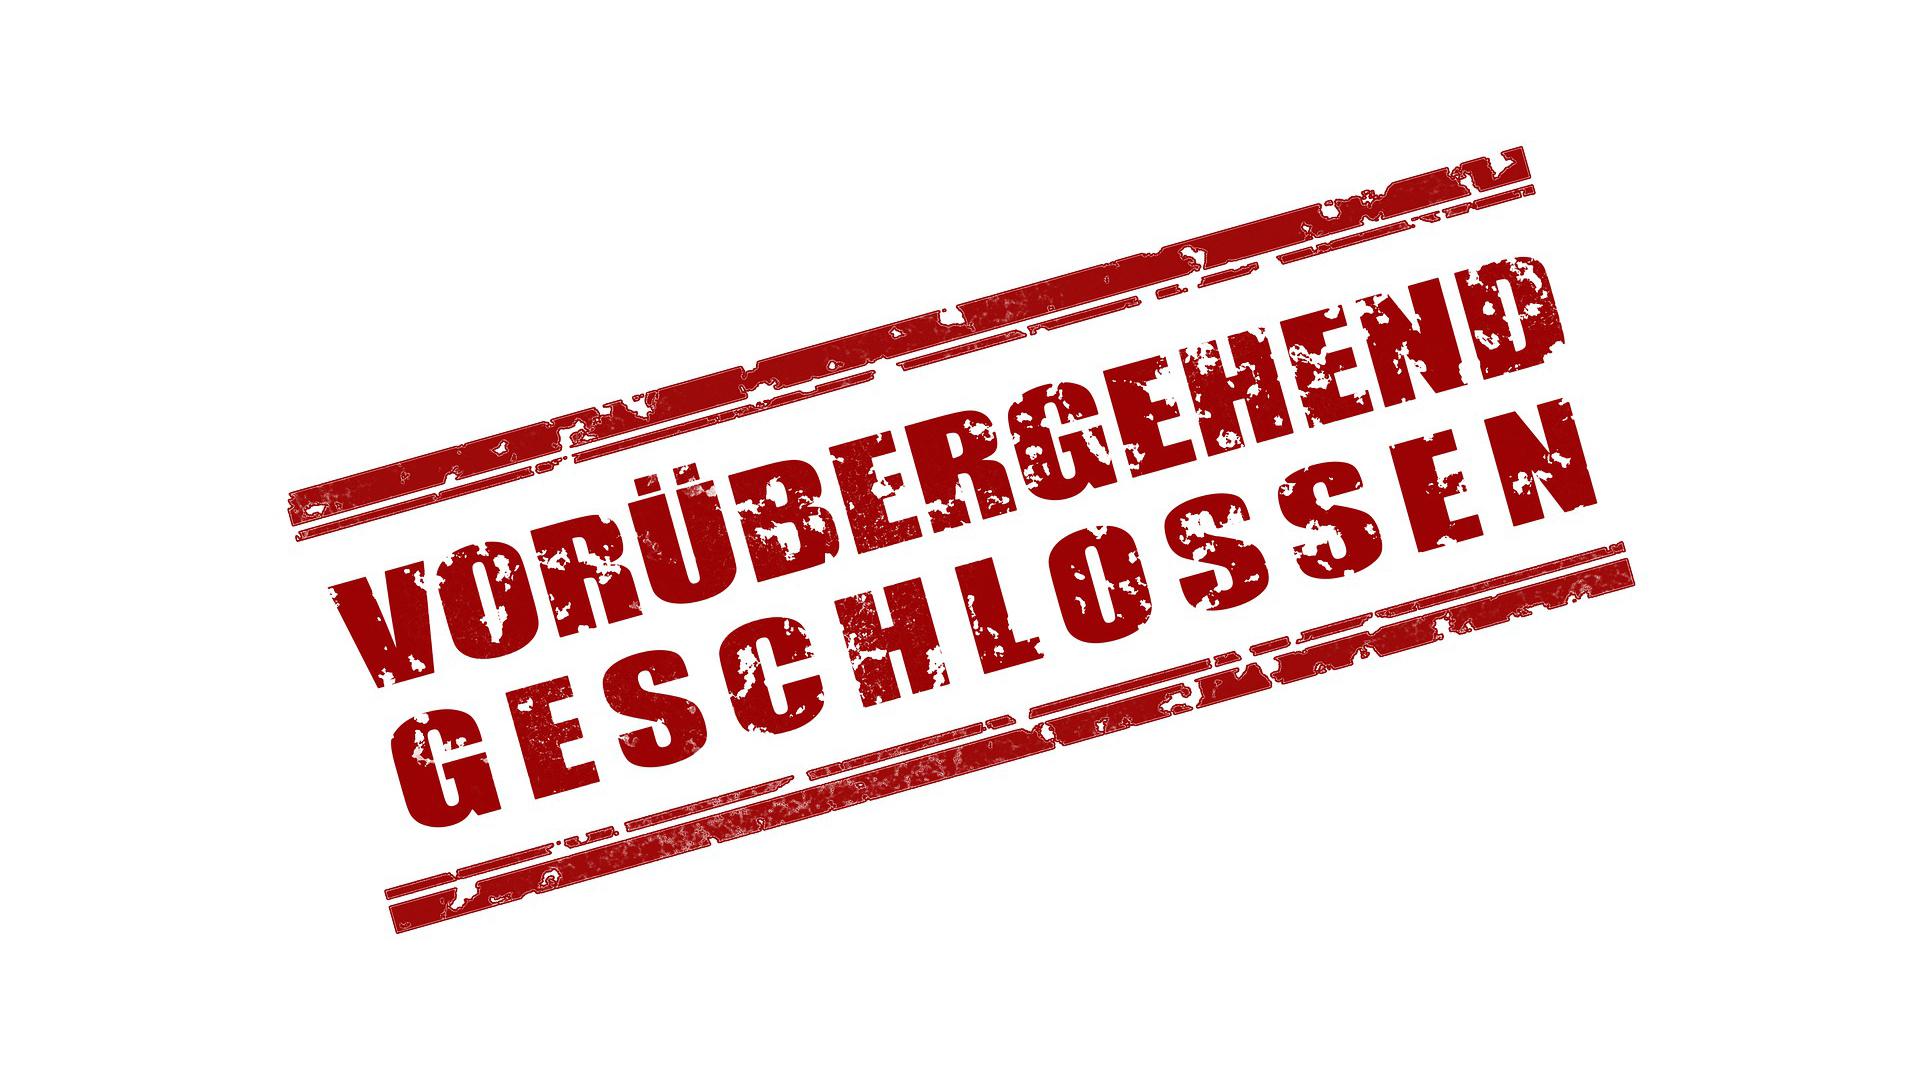 Ausländerbehörde des Kreises ist ab dem 29. März vorerst geschlossen